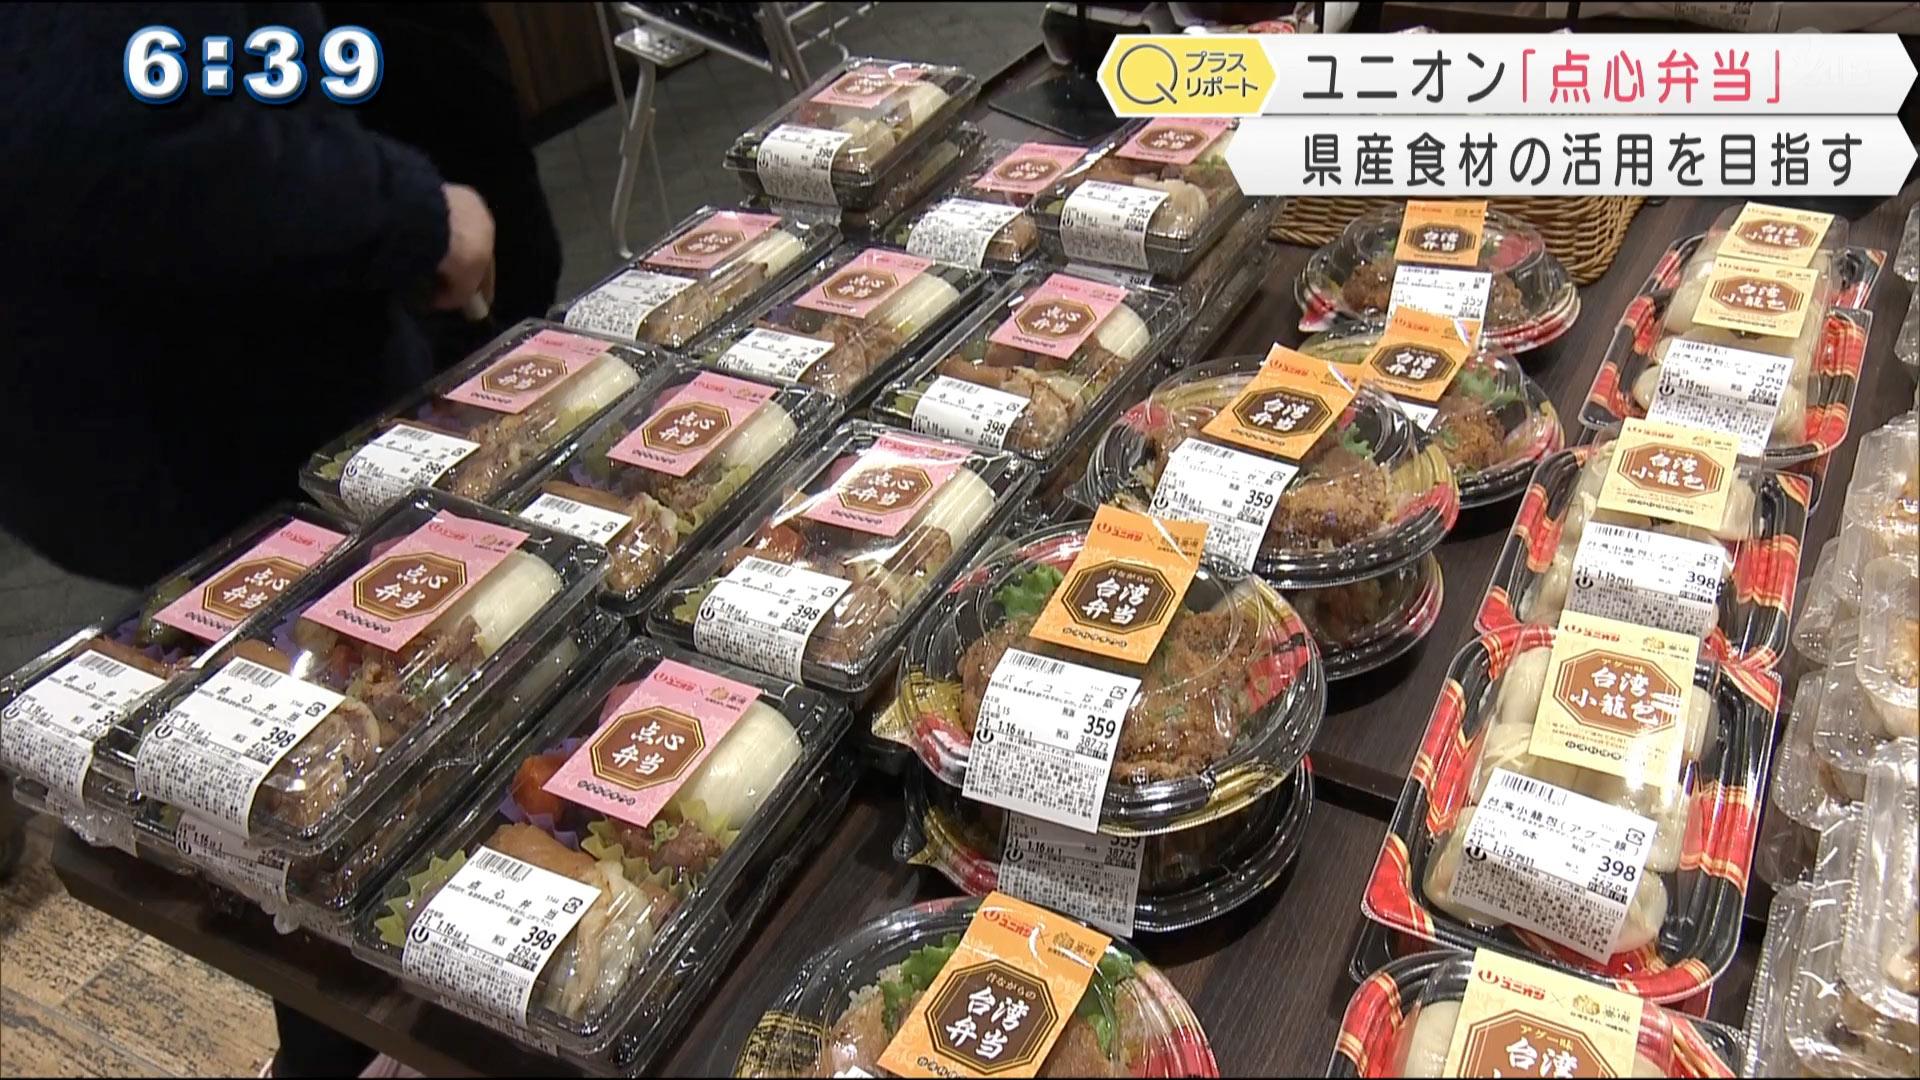 お弁当・お惣菜大賞 沖縄から2商品が優秀賞